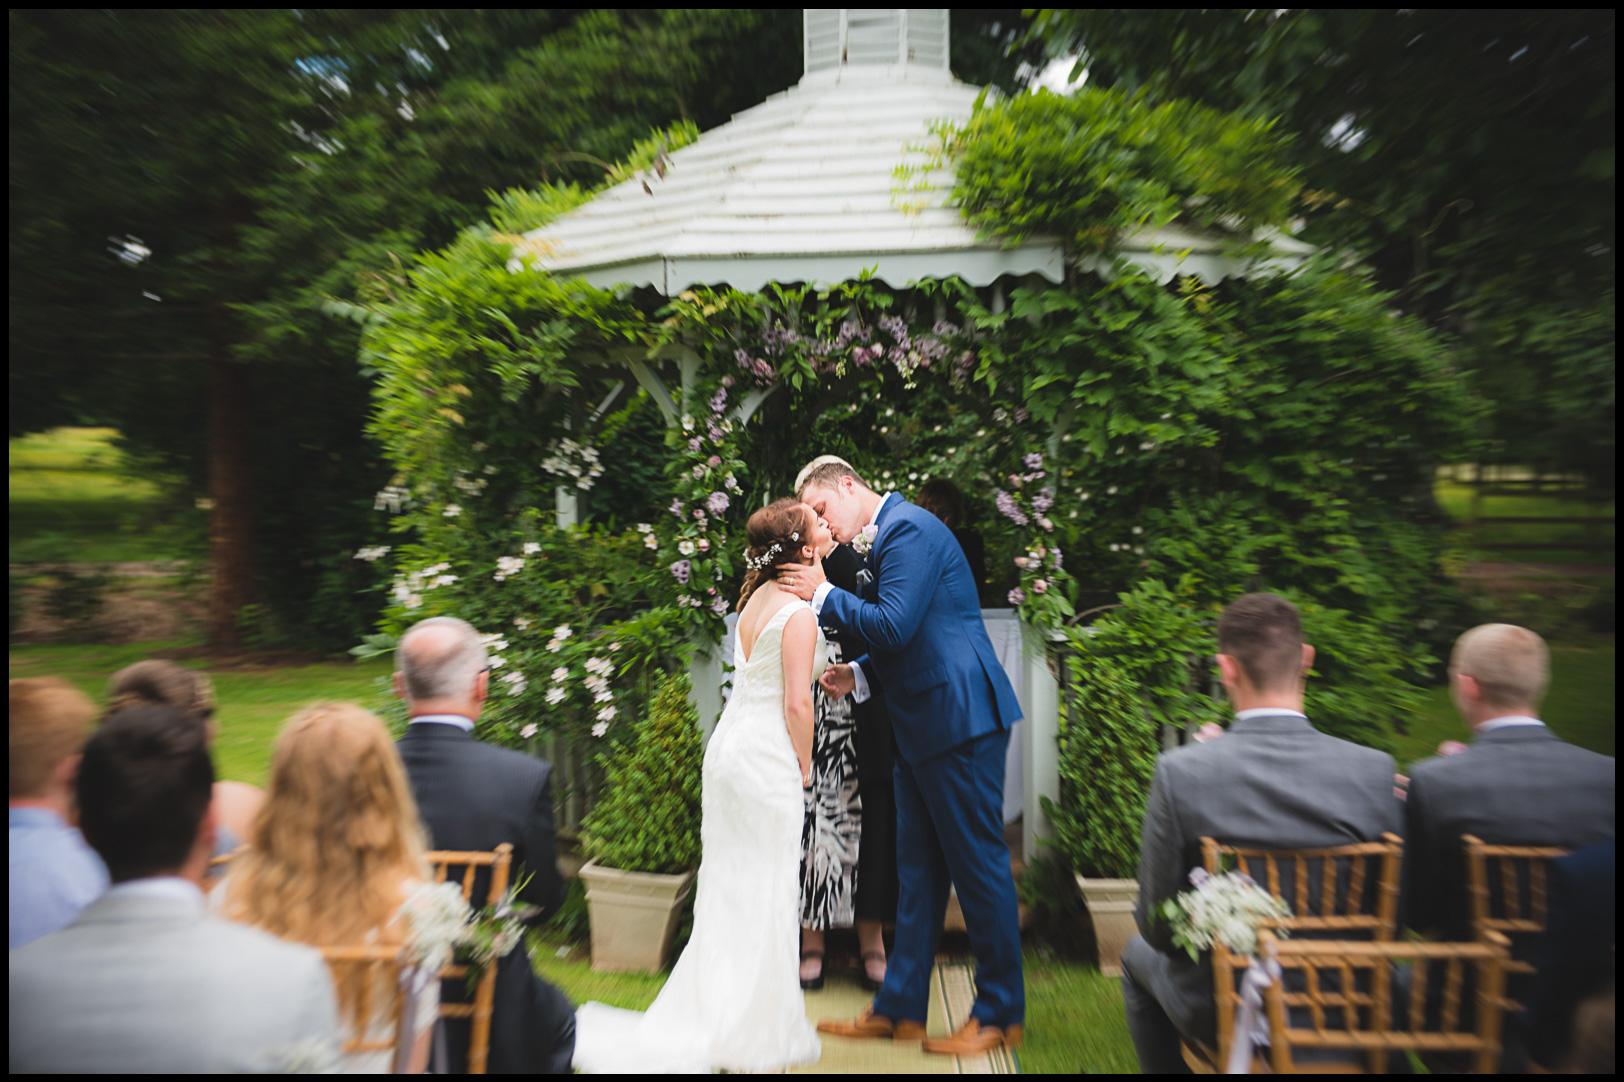 zooming-long-exposure-wedding-photography